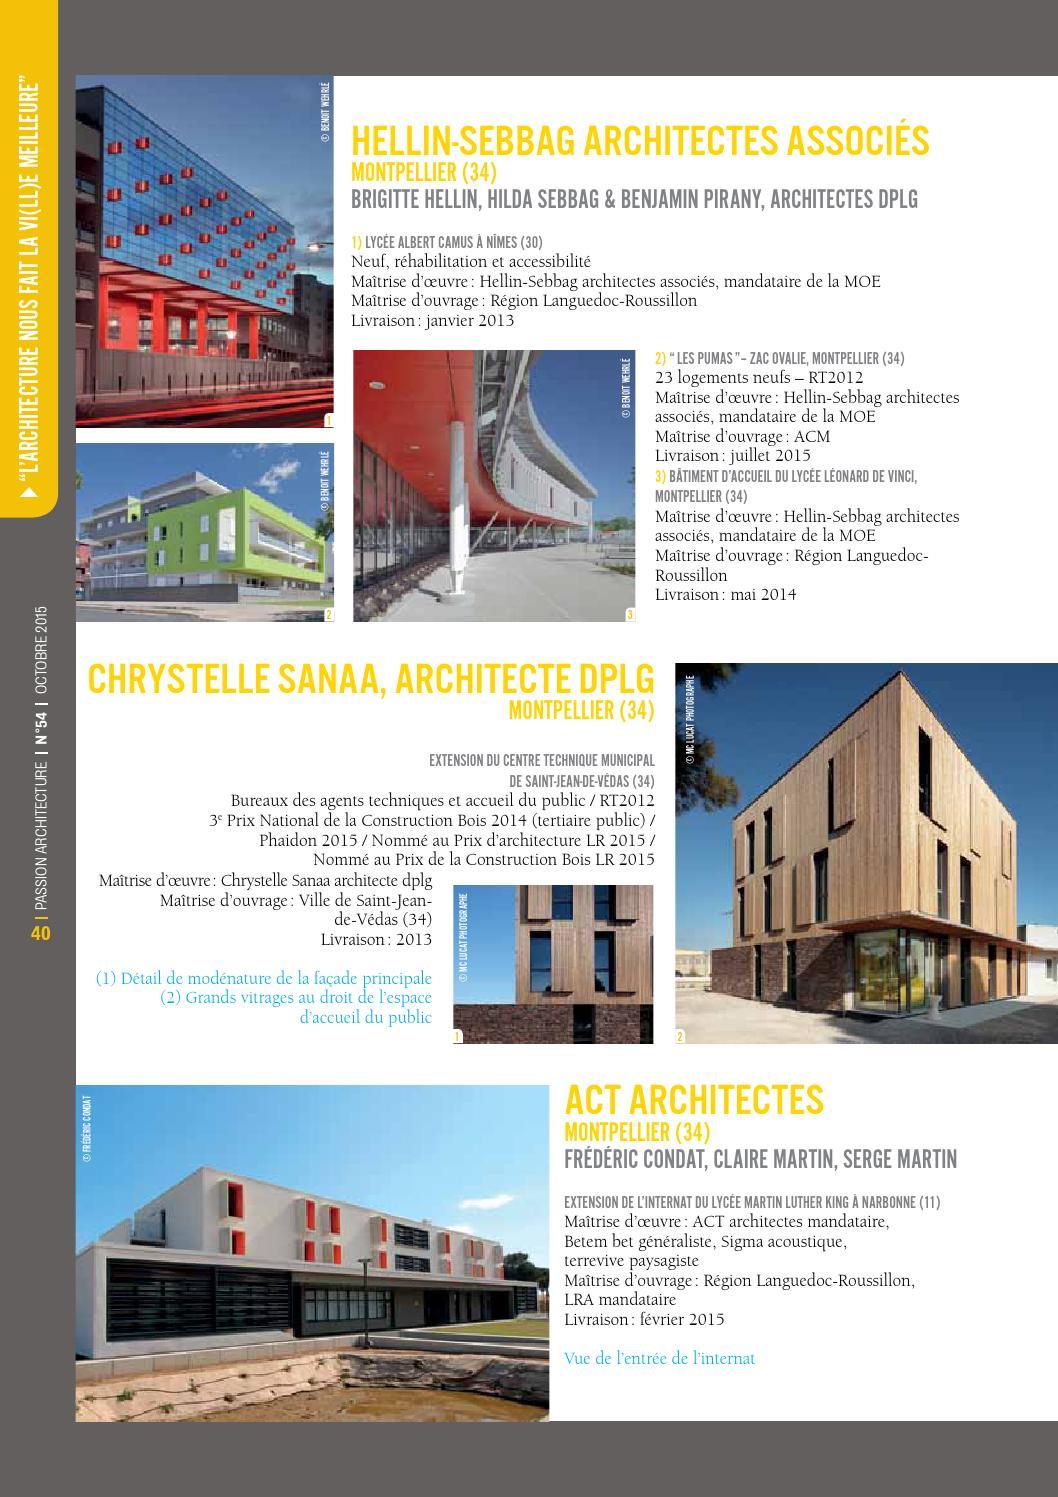 Maitrise D Oeuvre Montpellier passion architecture n°54 - la revue syndicale des